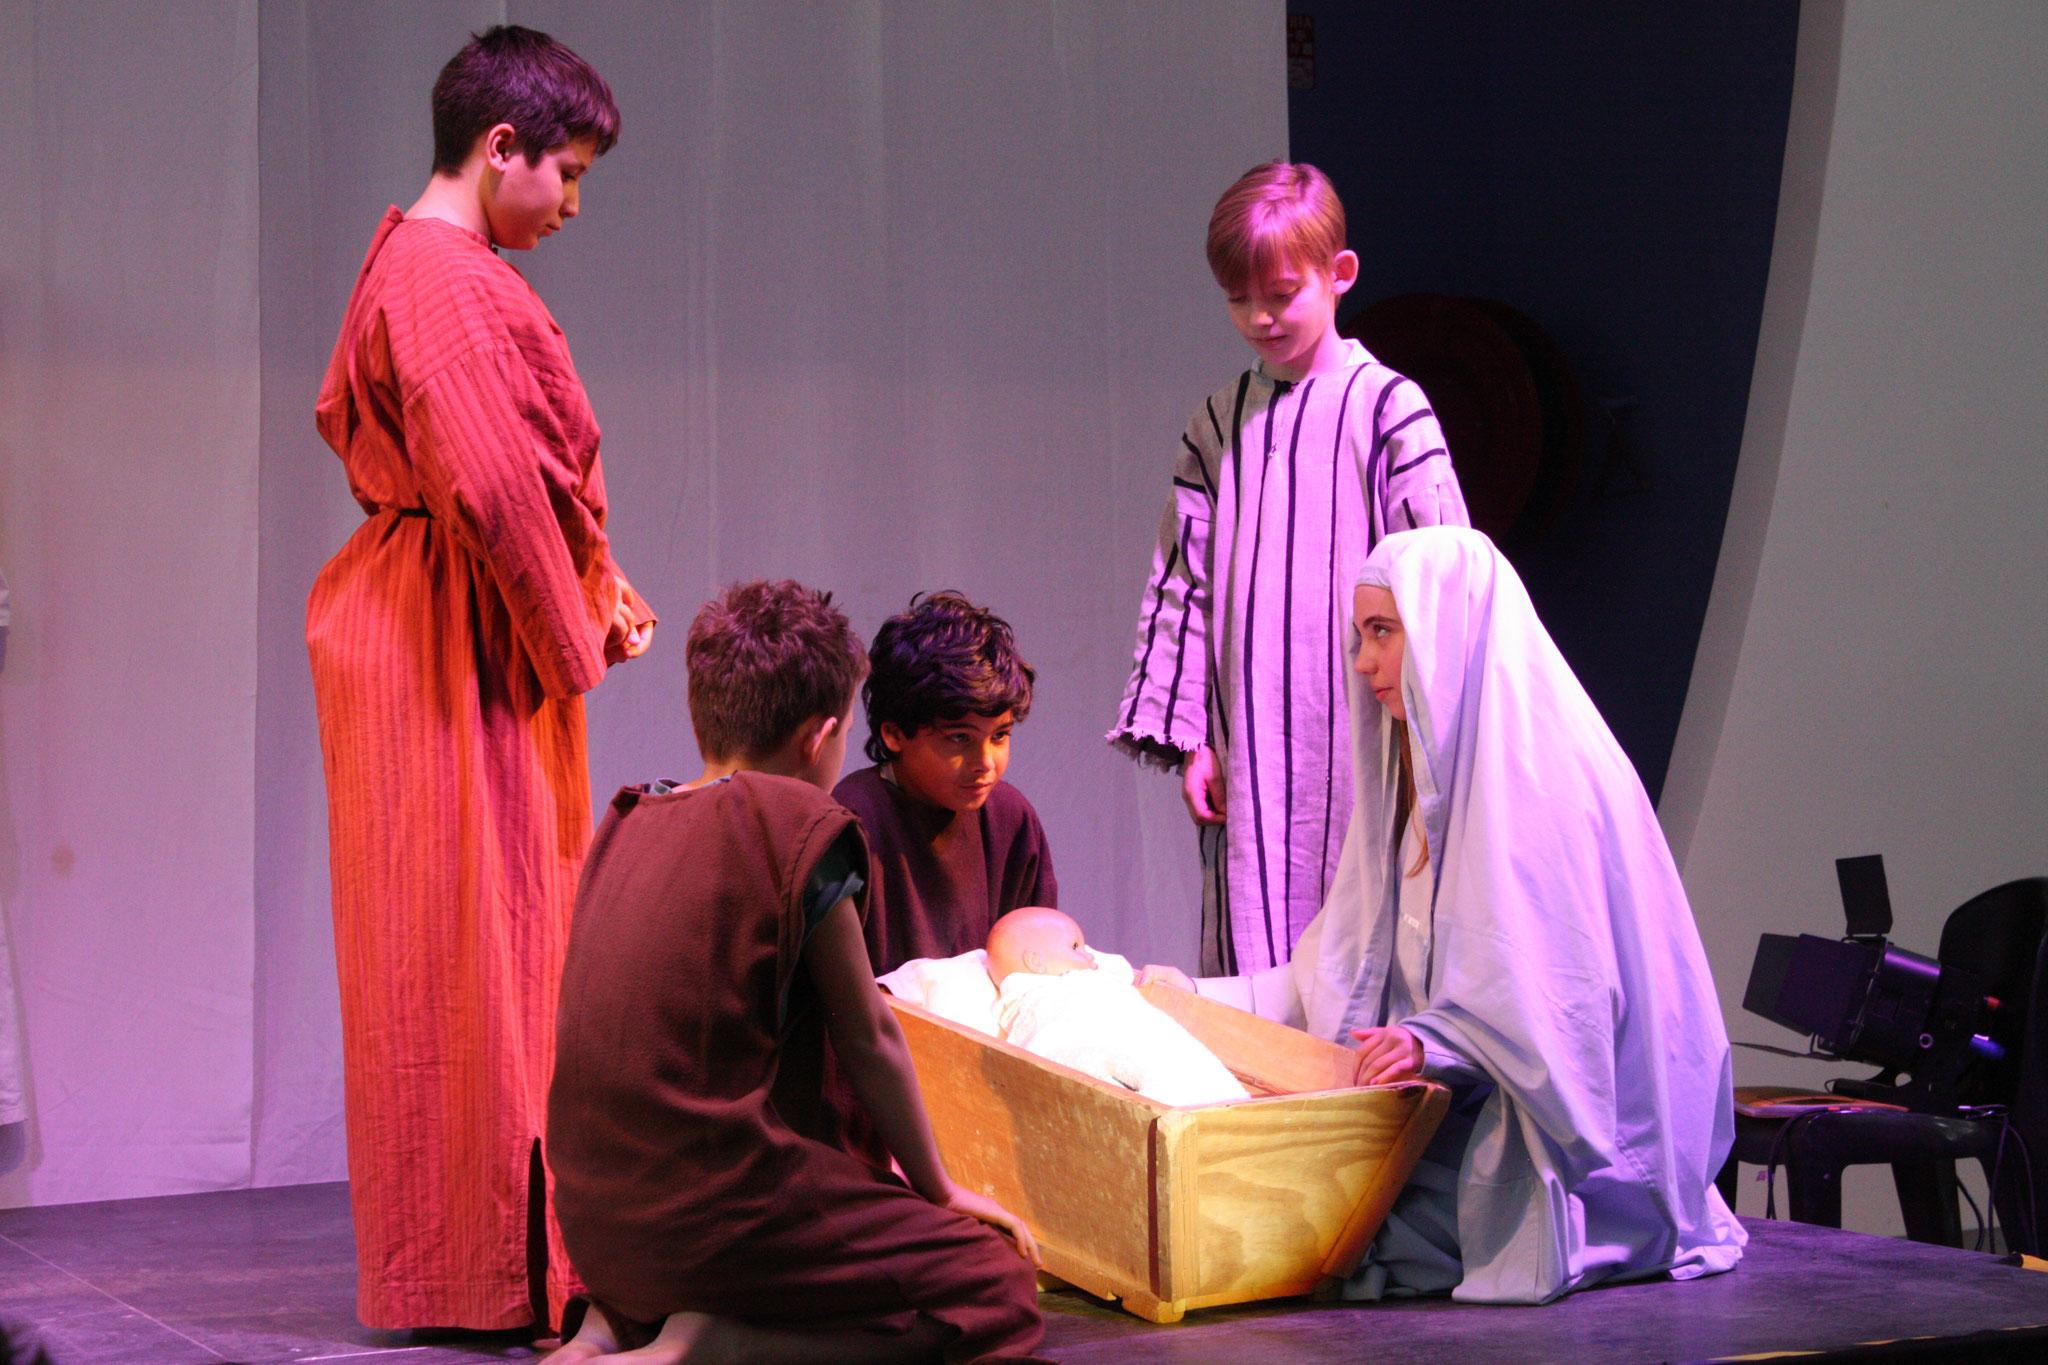 La naissance de Jésus - (c) JDR